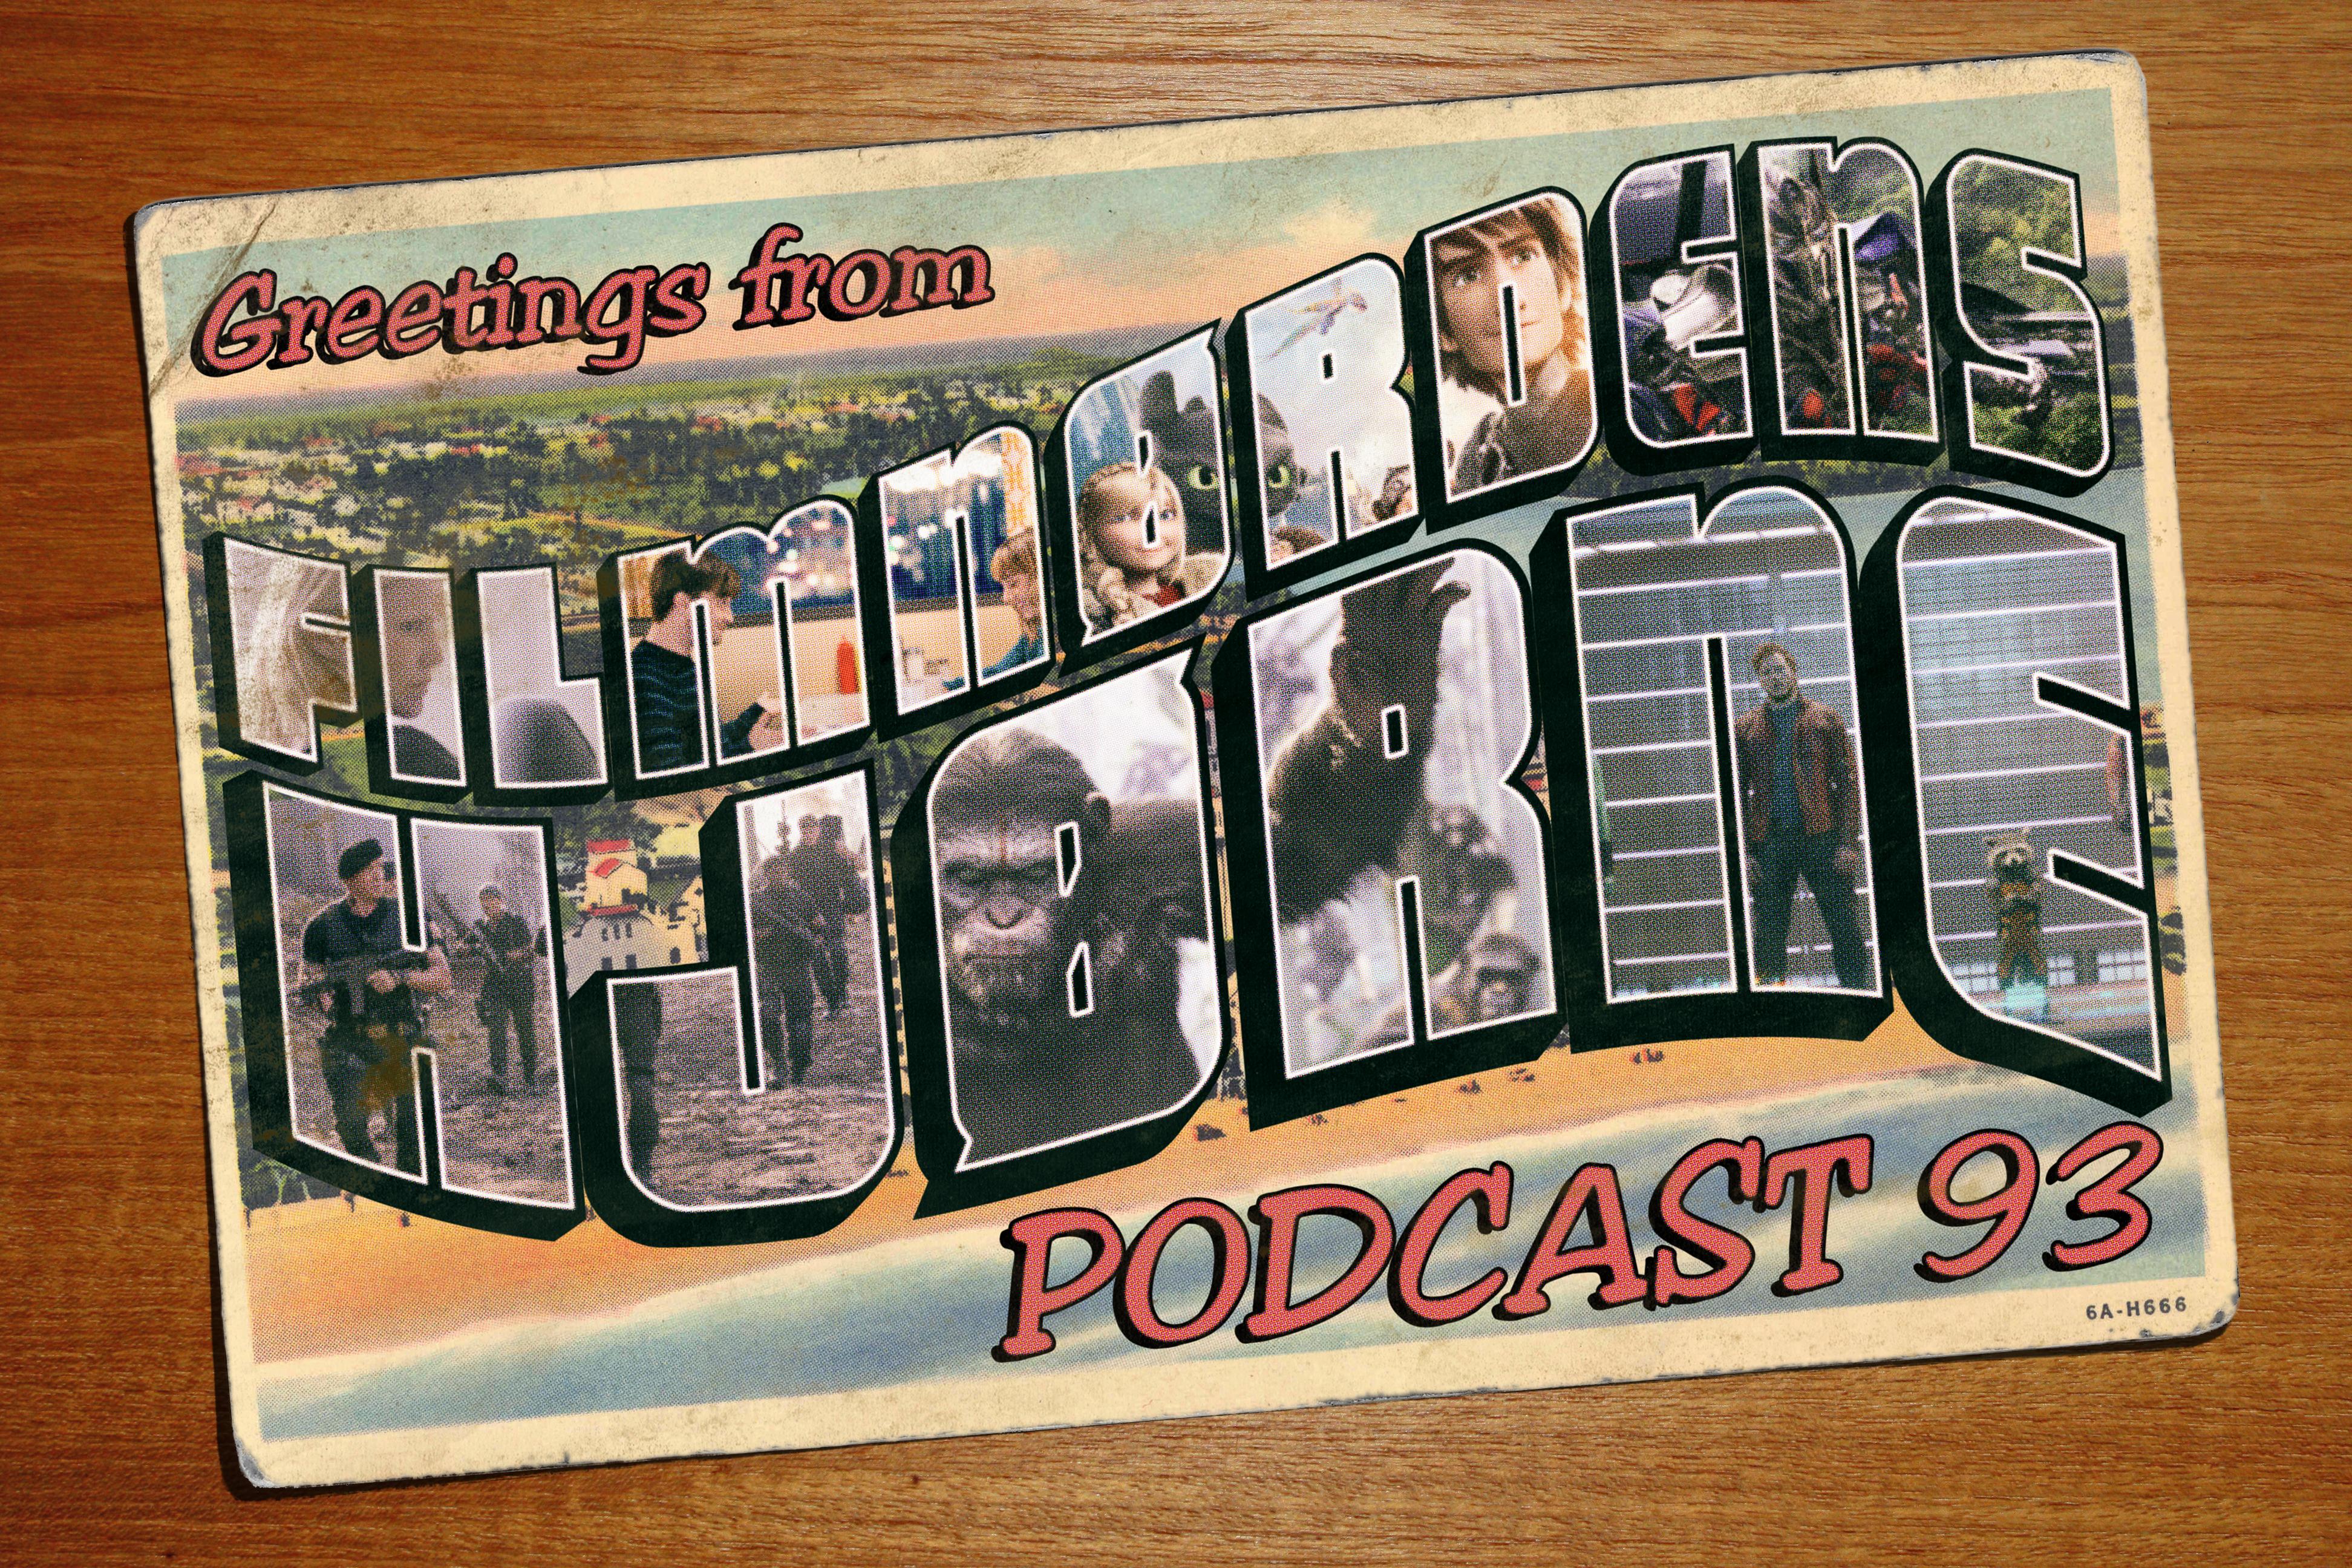 Poster-for-Podcast-93-4.jpg